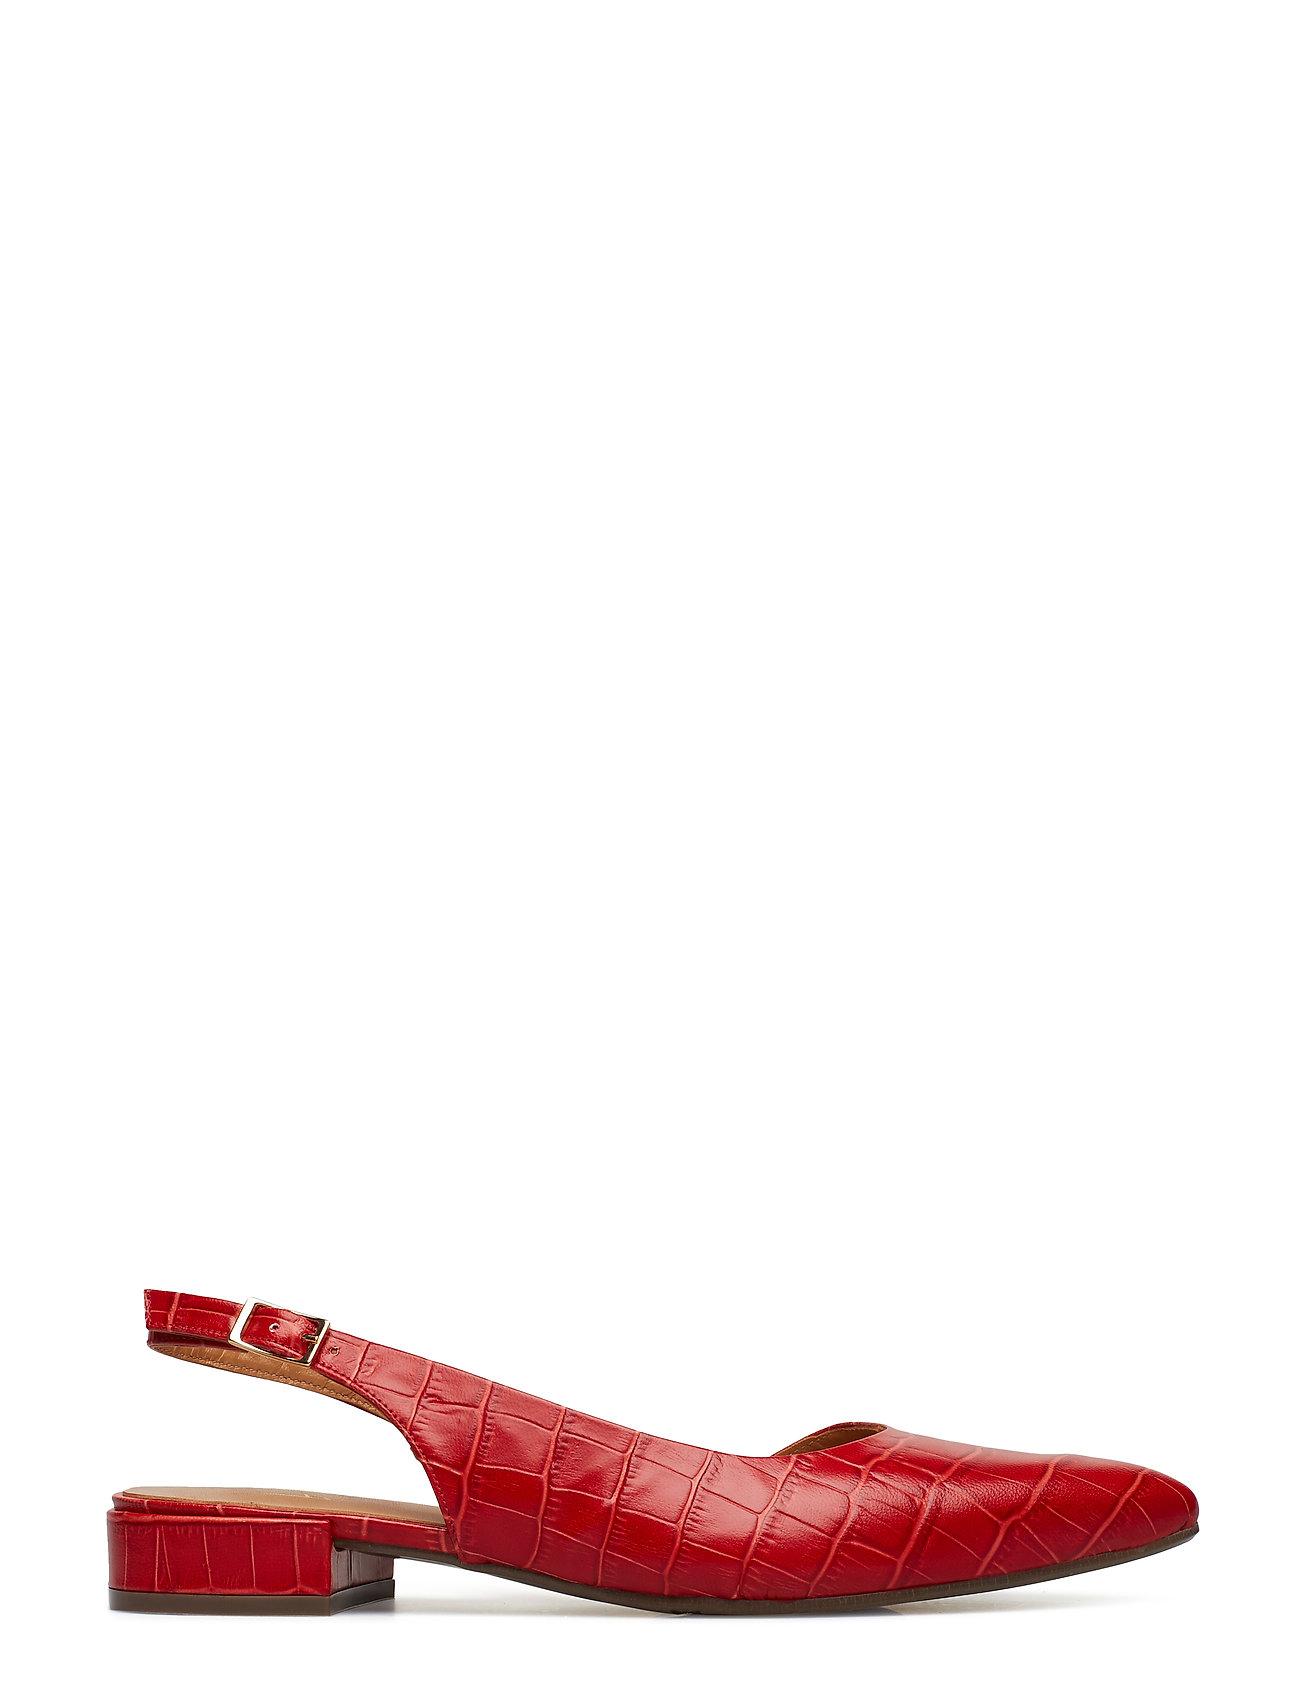 Shoes 8015 Ballerinasko Ballerinaer Rød Billi Bi